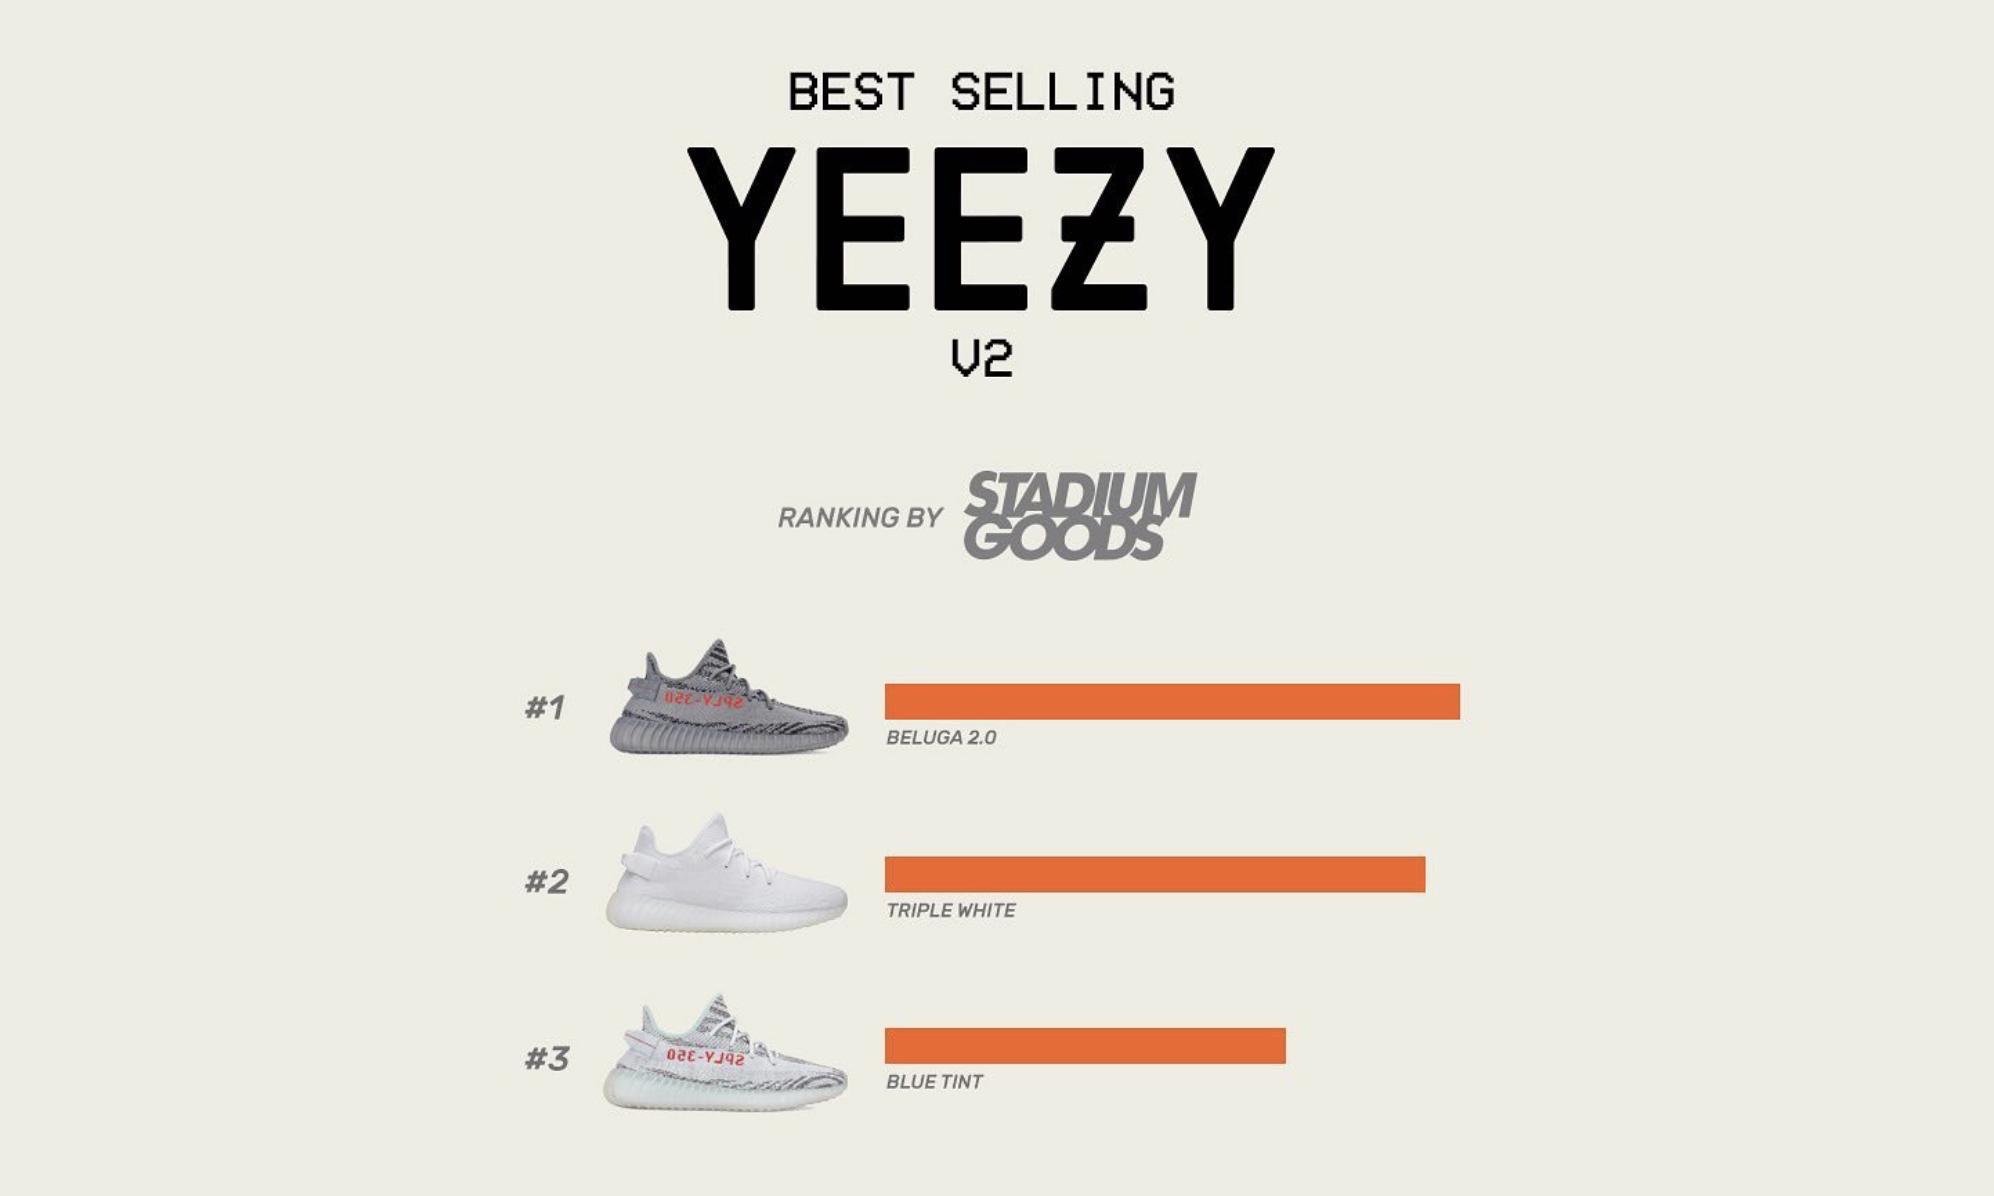 到目前为止,销量最高的 350 v2 配色是哪款?